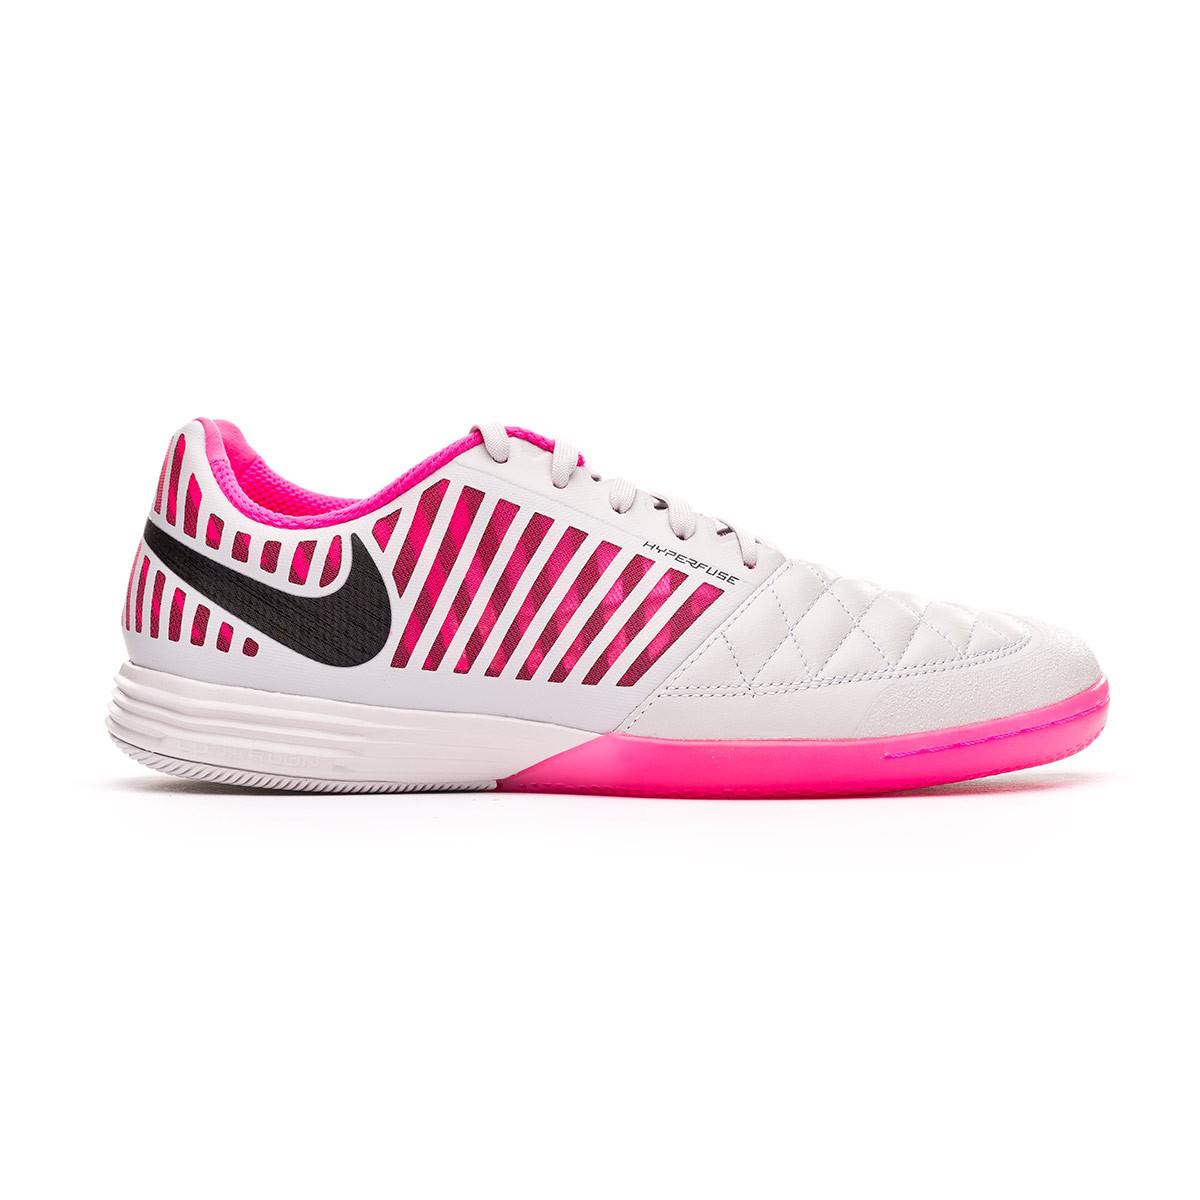 Escándalo guirnalda Hacer bien  Zapatilla Nike Lunar Gato II Vast grey-Black-Pink blast - Tienda de fútbol  Fútbol Emotion